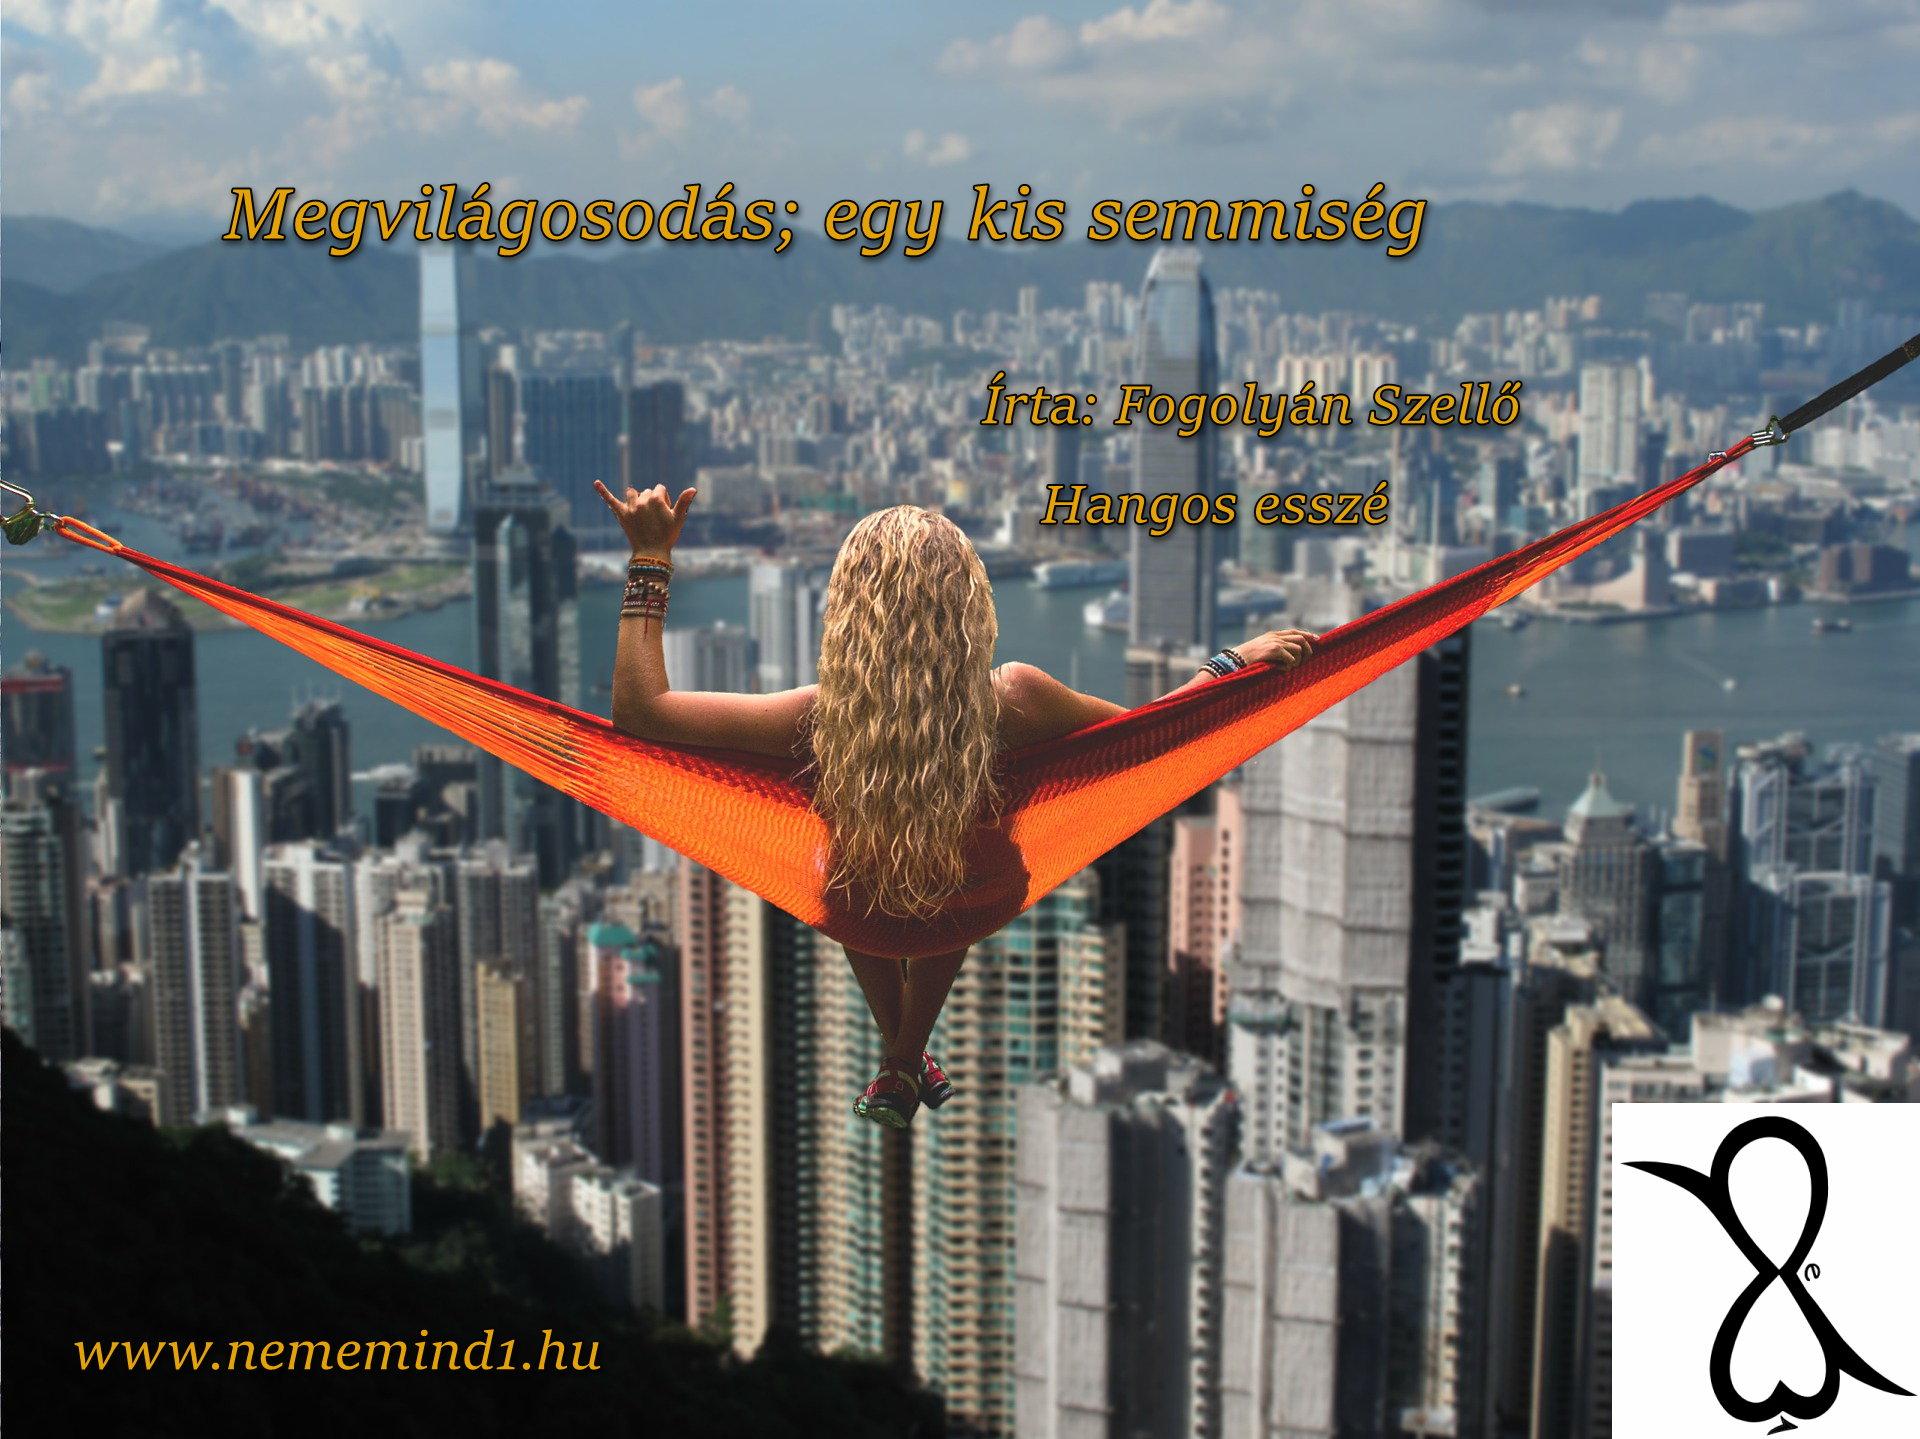 Hangos Fogolyán Szellő (Harangi Emese) írások 51, Megvilágosodás; egy kis semmiség (Esszé)